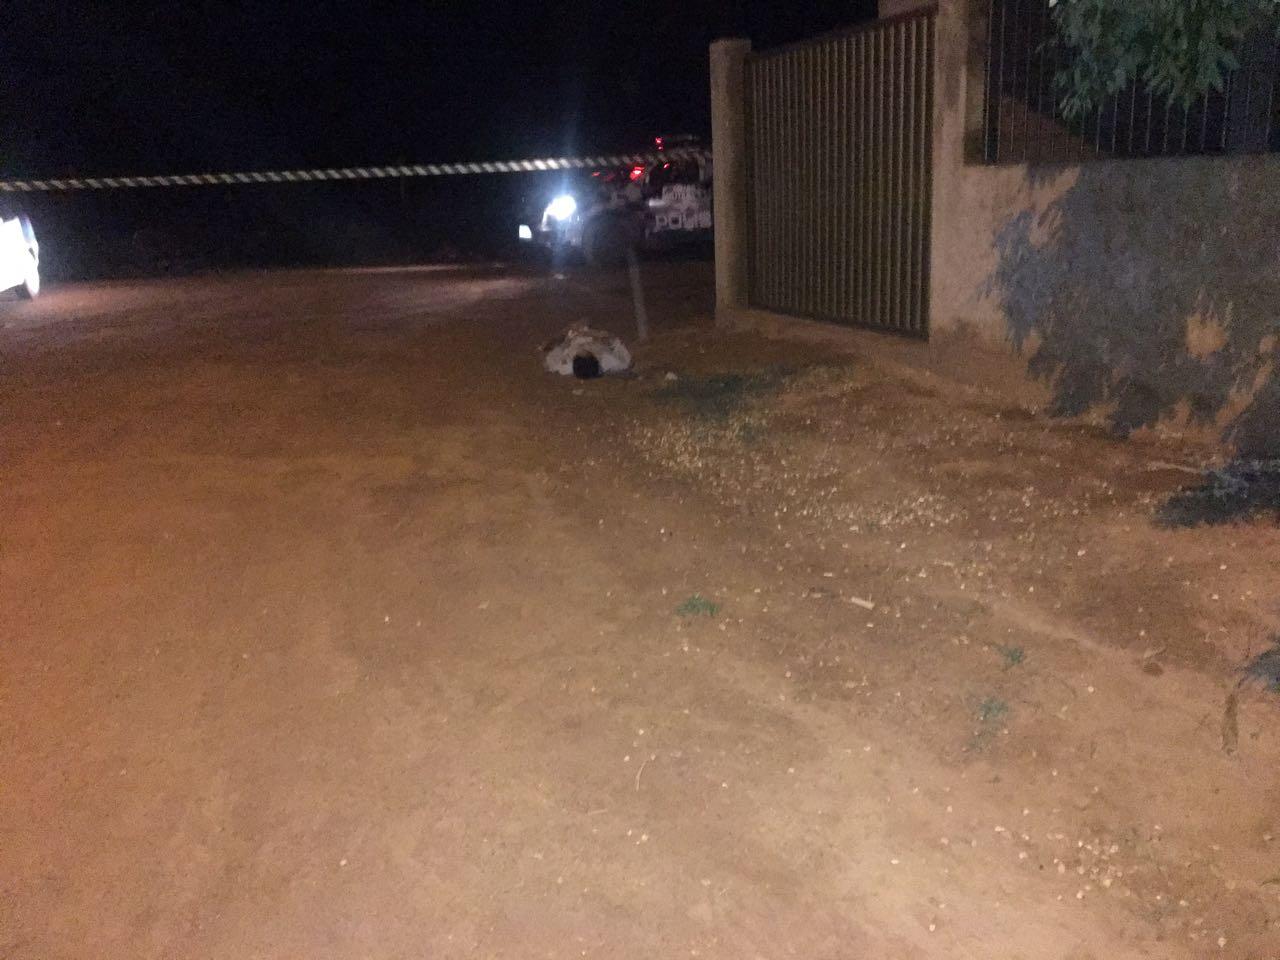 Uma das vítimas assassinadas em Rondonópolis. Foto: rede social.